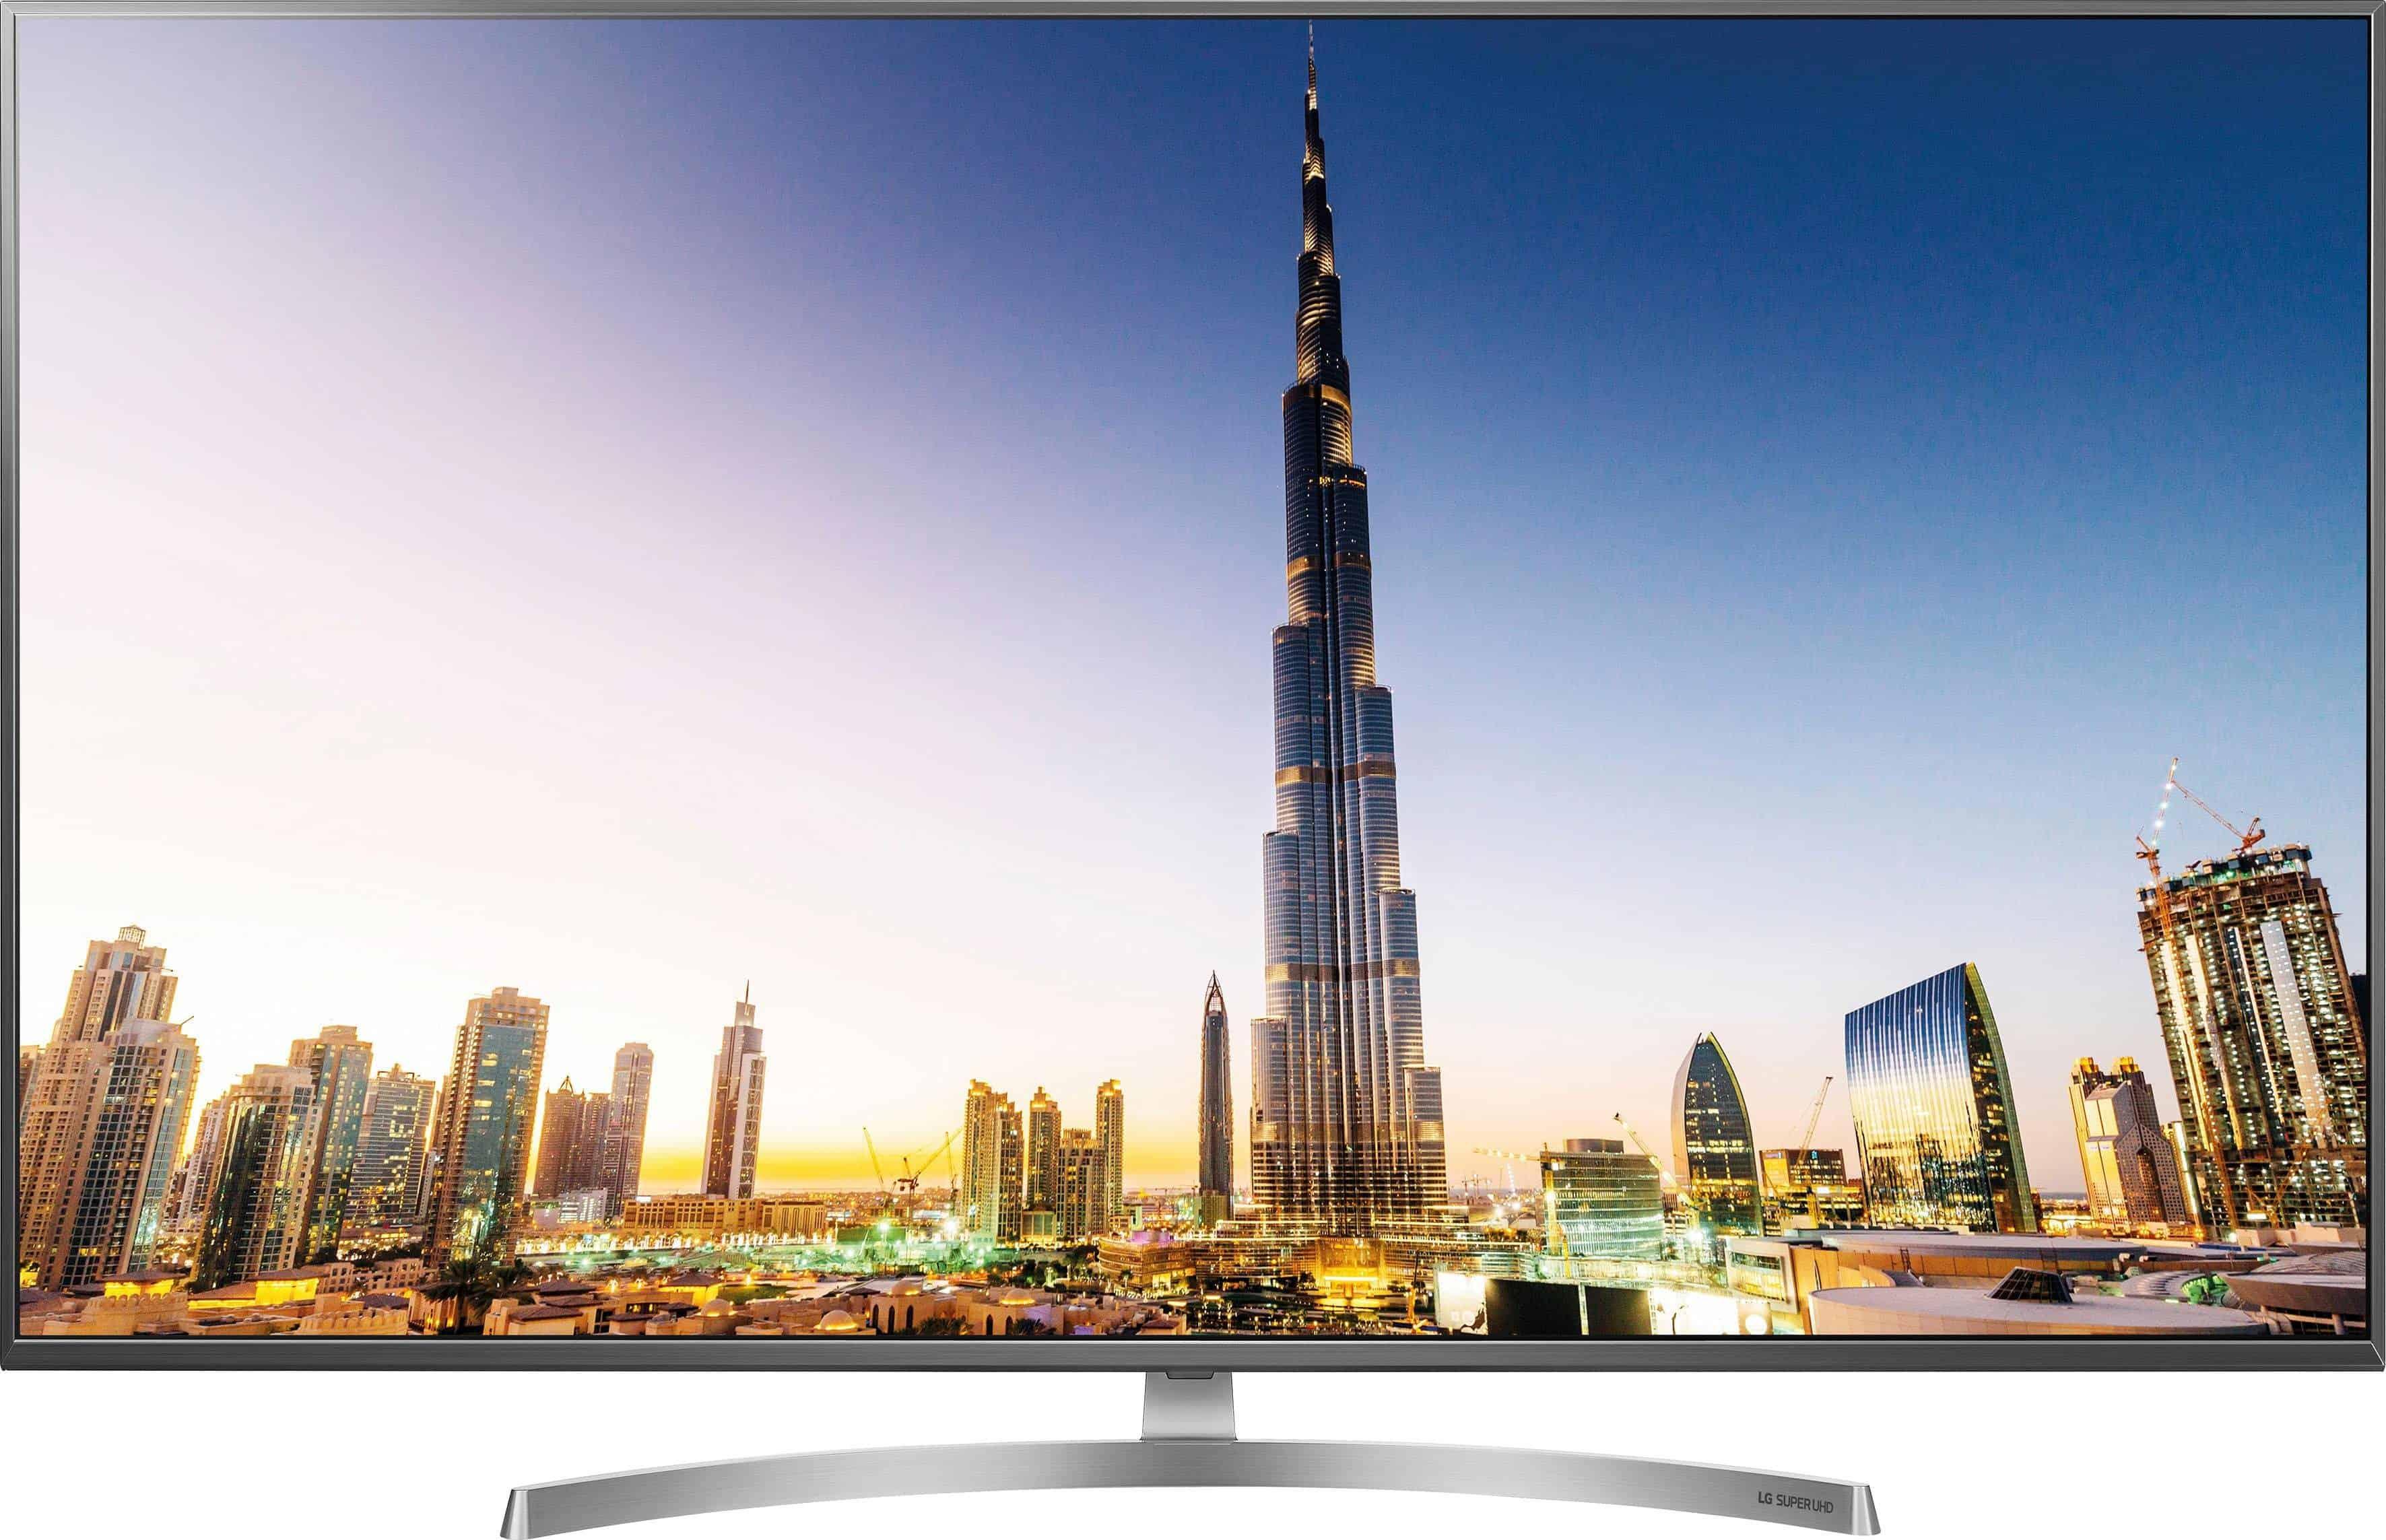 LG SK8100 - LG Fernseher mit 100 Hz Display und Dolby Vision